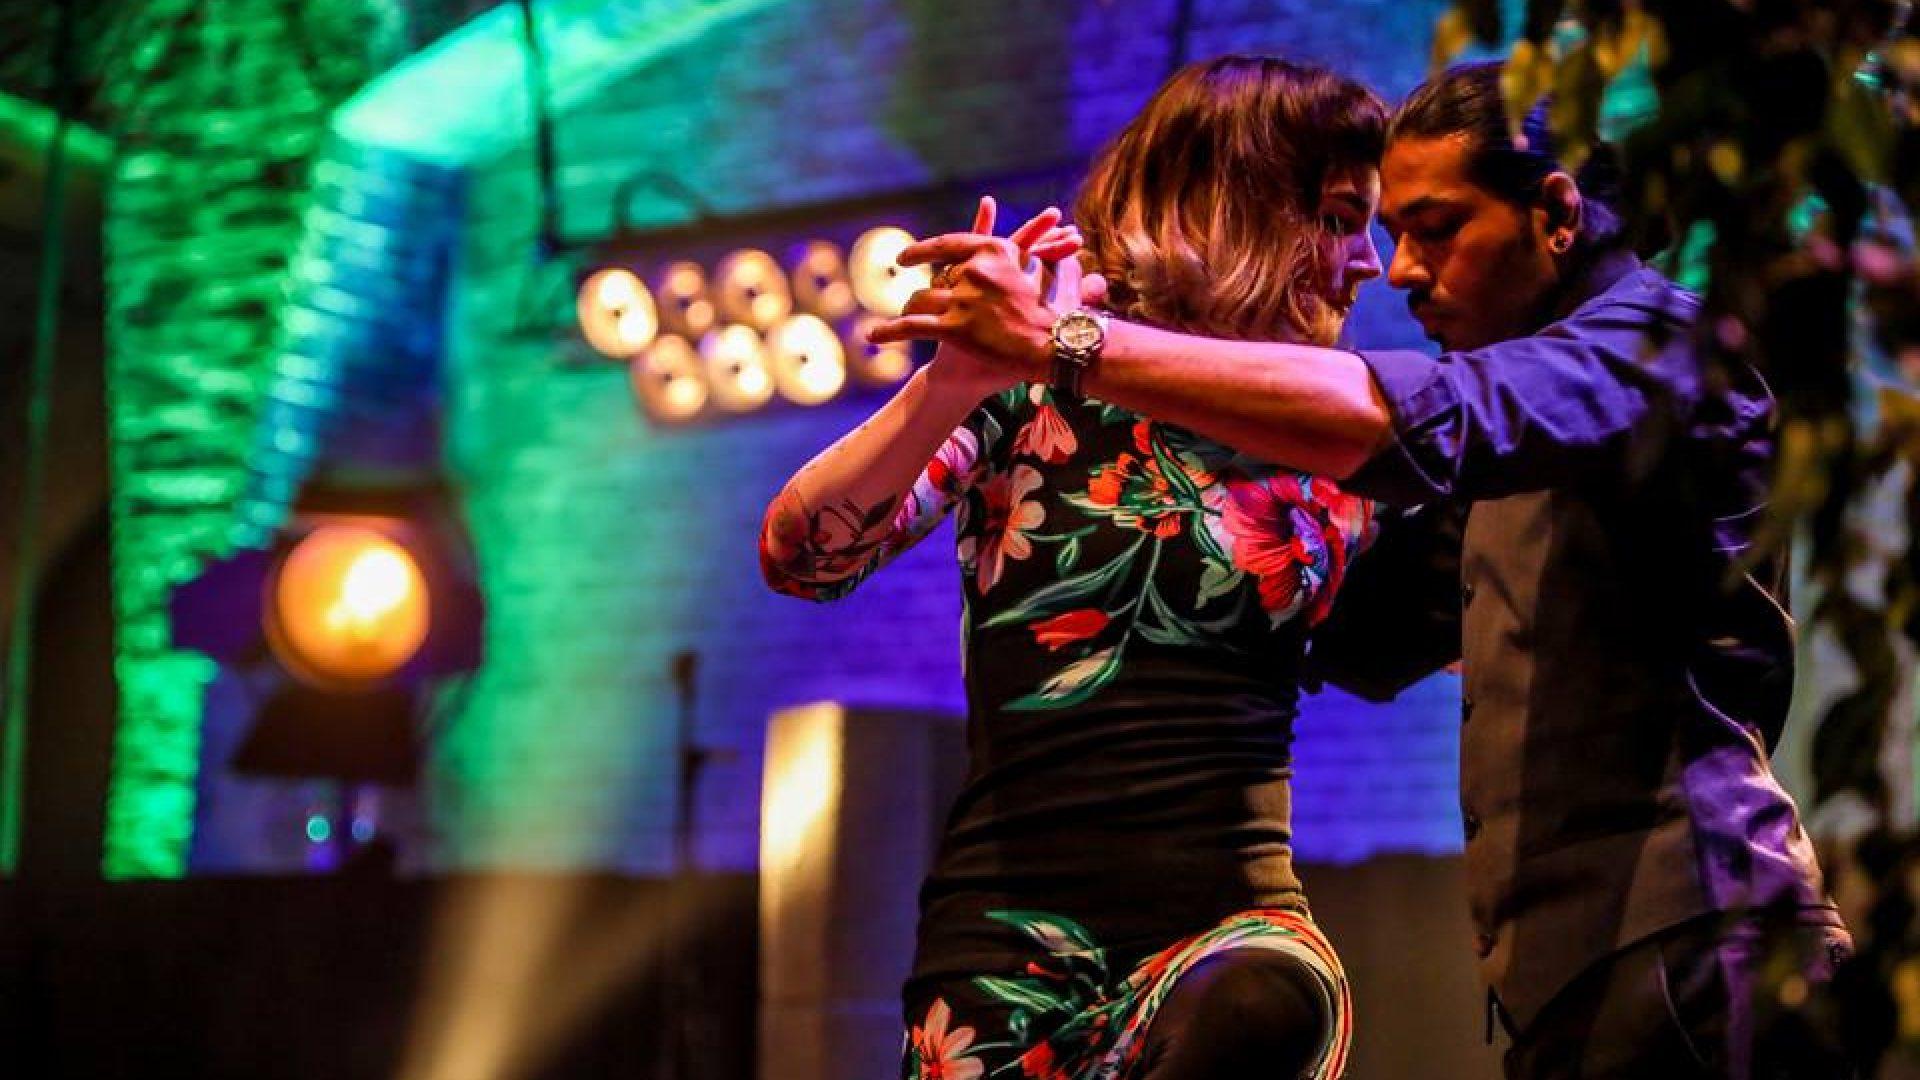 Dance Miles - Argentijsnse Tango en Zouk - danslessen